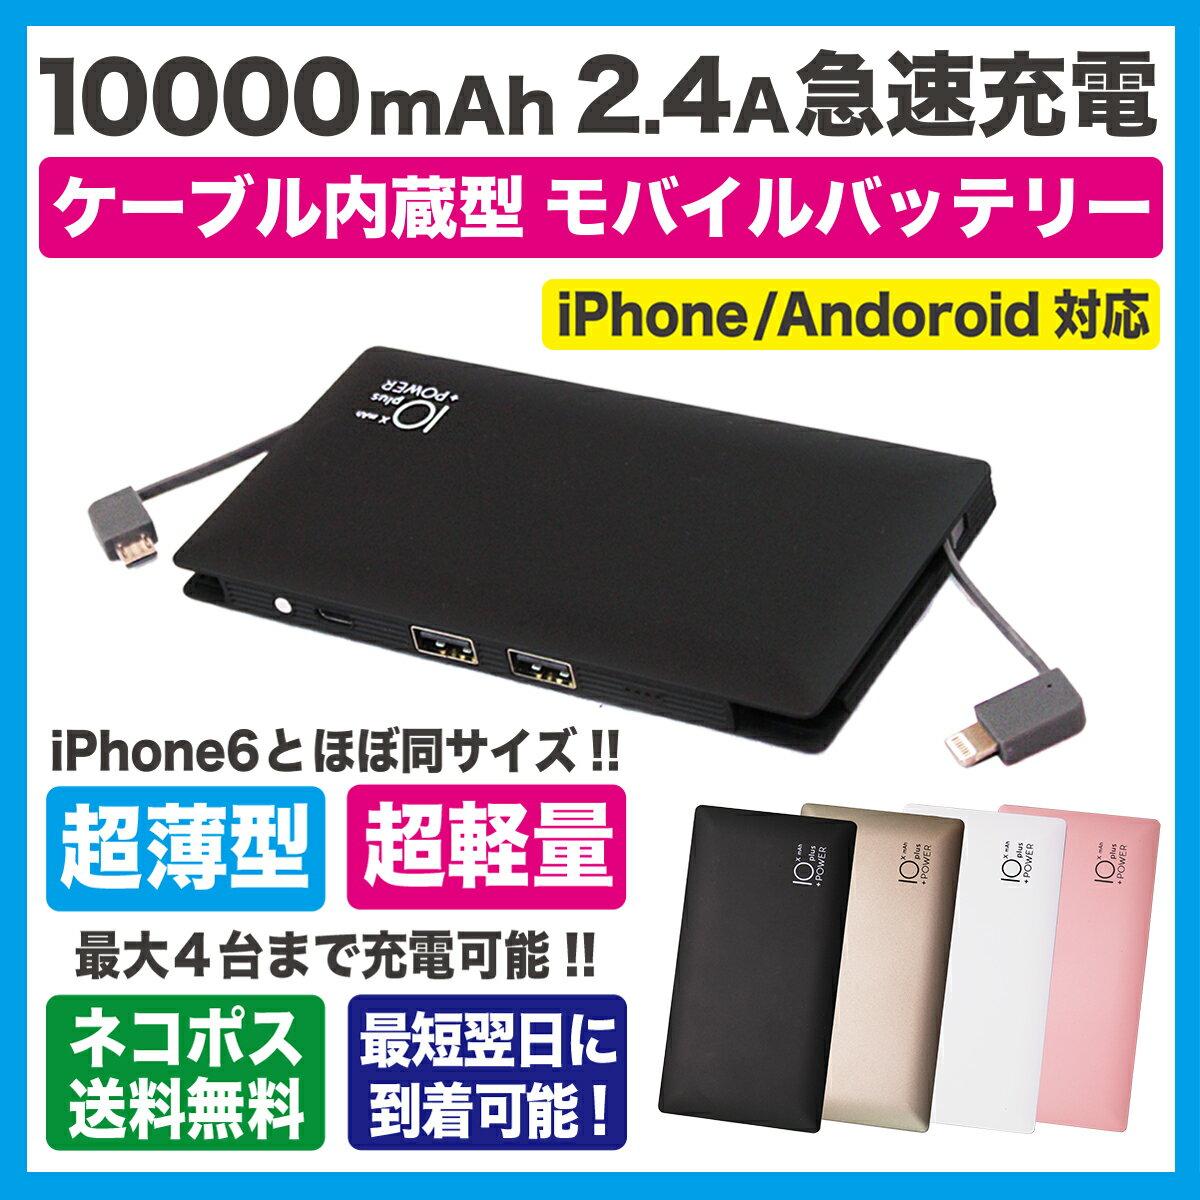 【送料無料】【2017年モデル 超薄型 超軽量ケーブル内蔵型 モバイルバッテリー】【10000mAh 大容量】【安心の3ヶ月保証】コード付き iPhone5S/iPhoneSE iPhone6/plus iPhone6s/plus iPhone7/plus Android 充電器